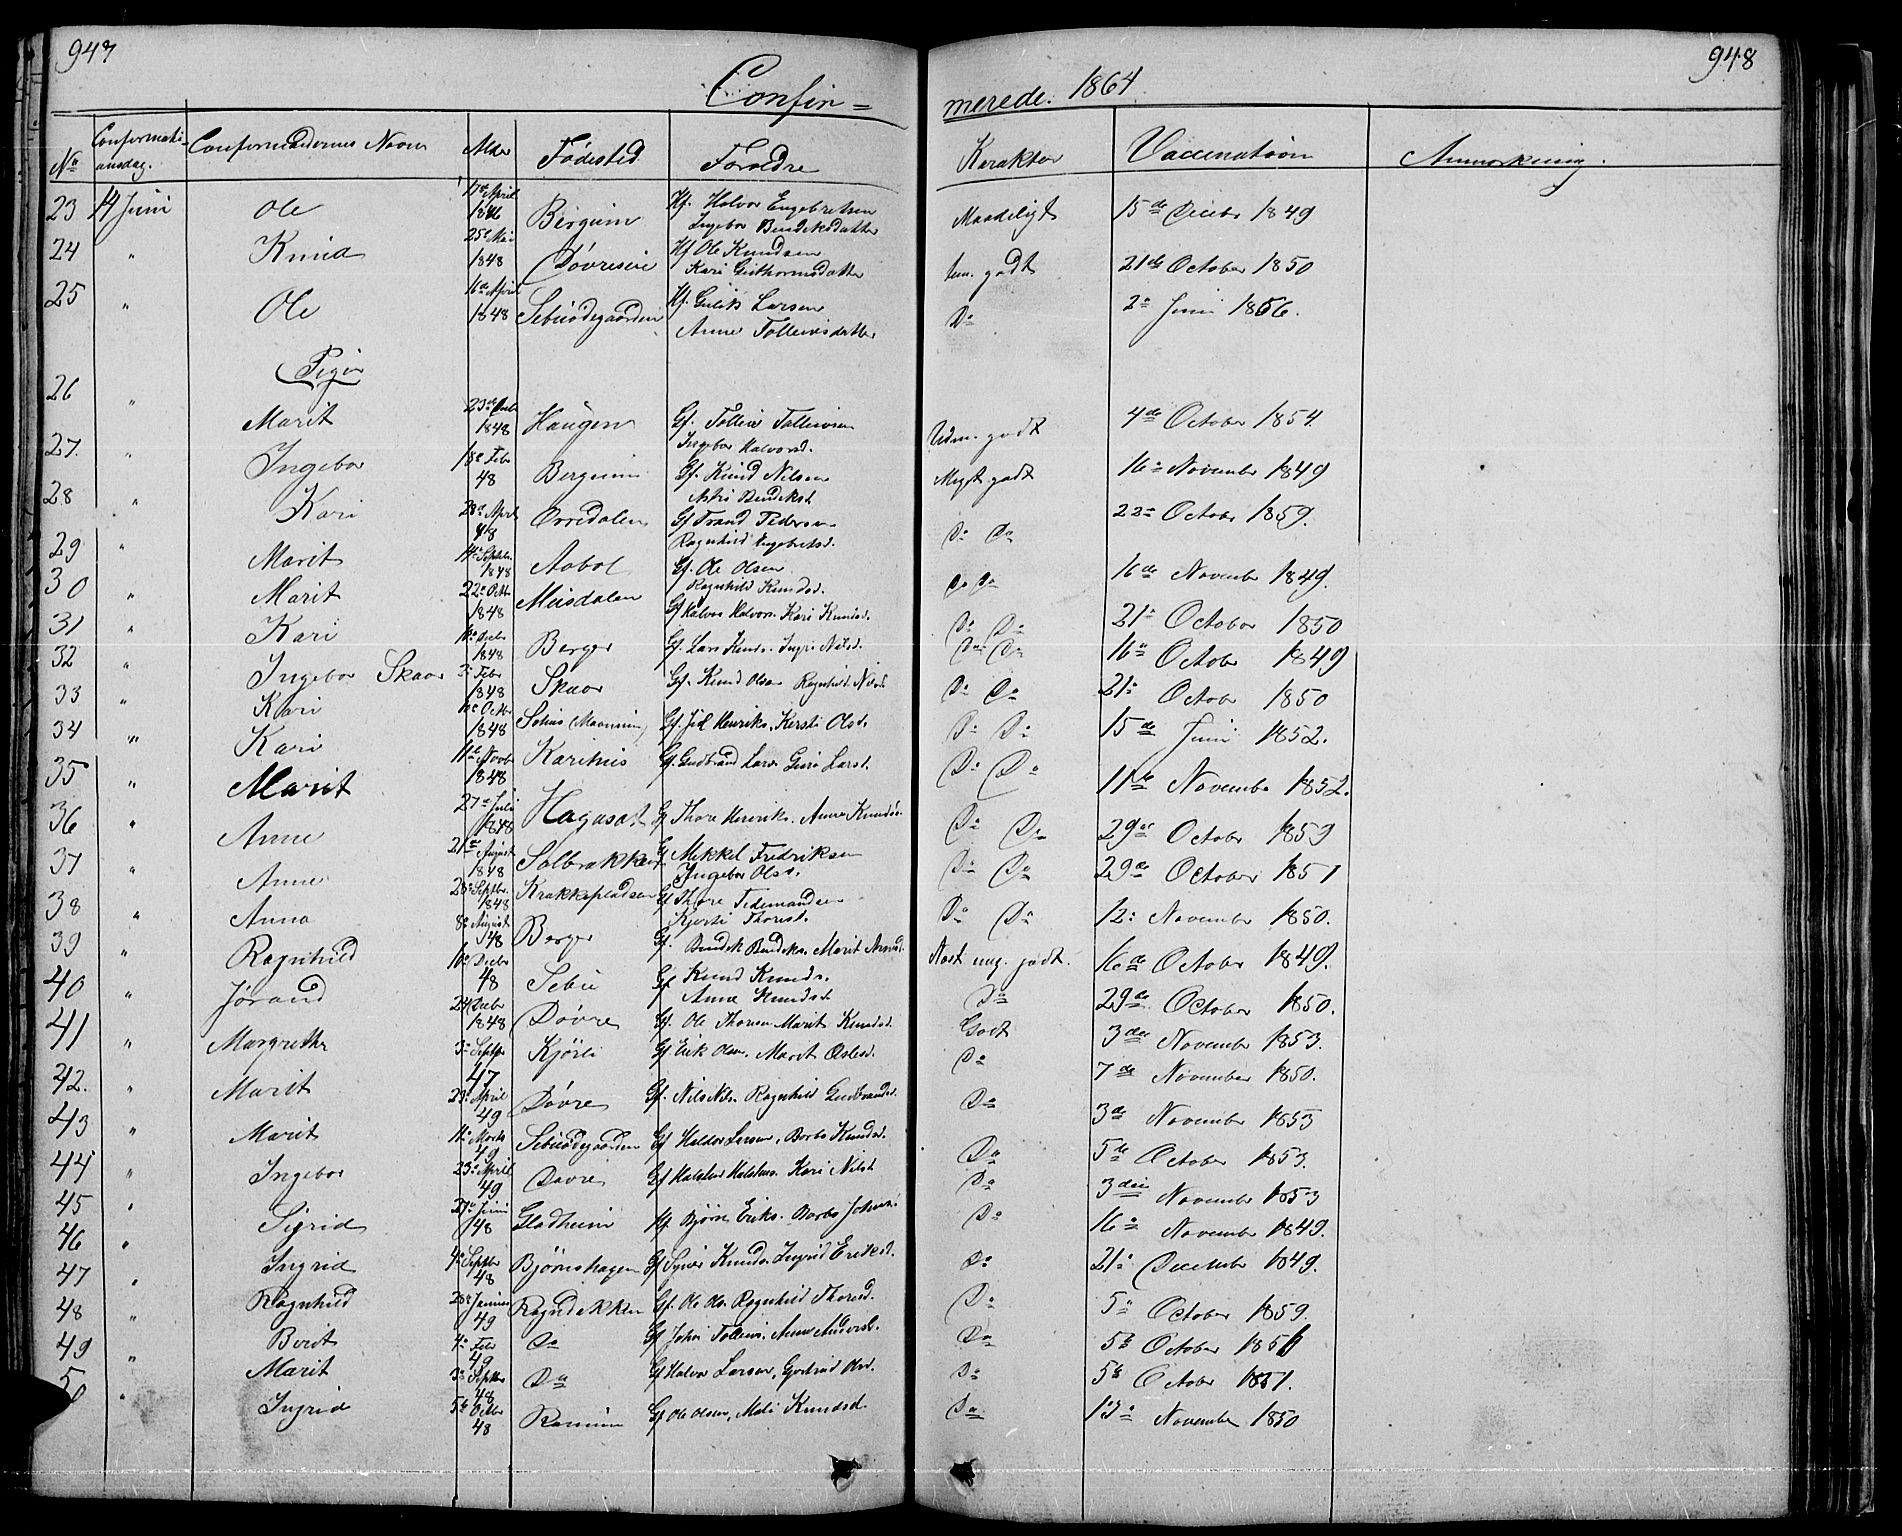 SAH, Nord-Aurdal prestekontor, Klokkerbok nr. 1, 1834-1887, s. 947-948